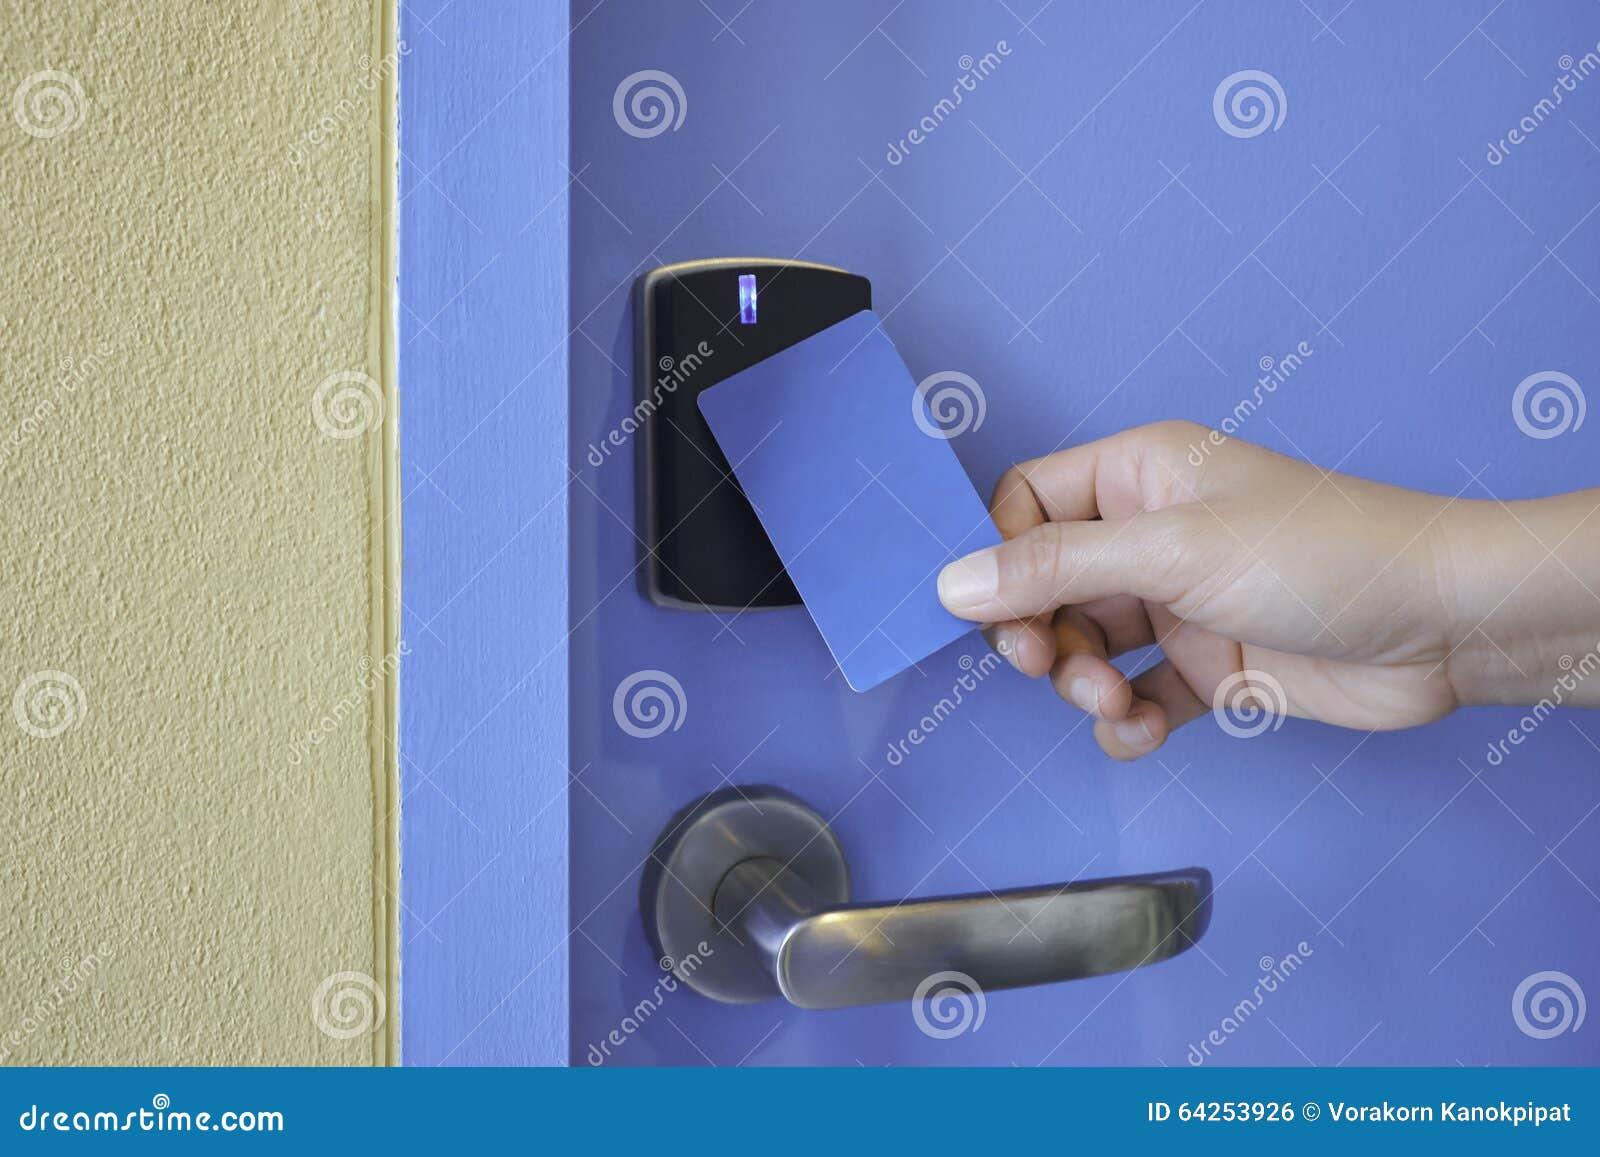 Entregue a posse o cartão chave no fechamento de almofada da chave do controle de acesso